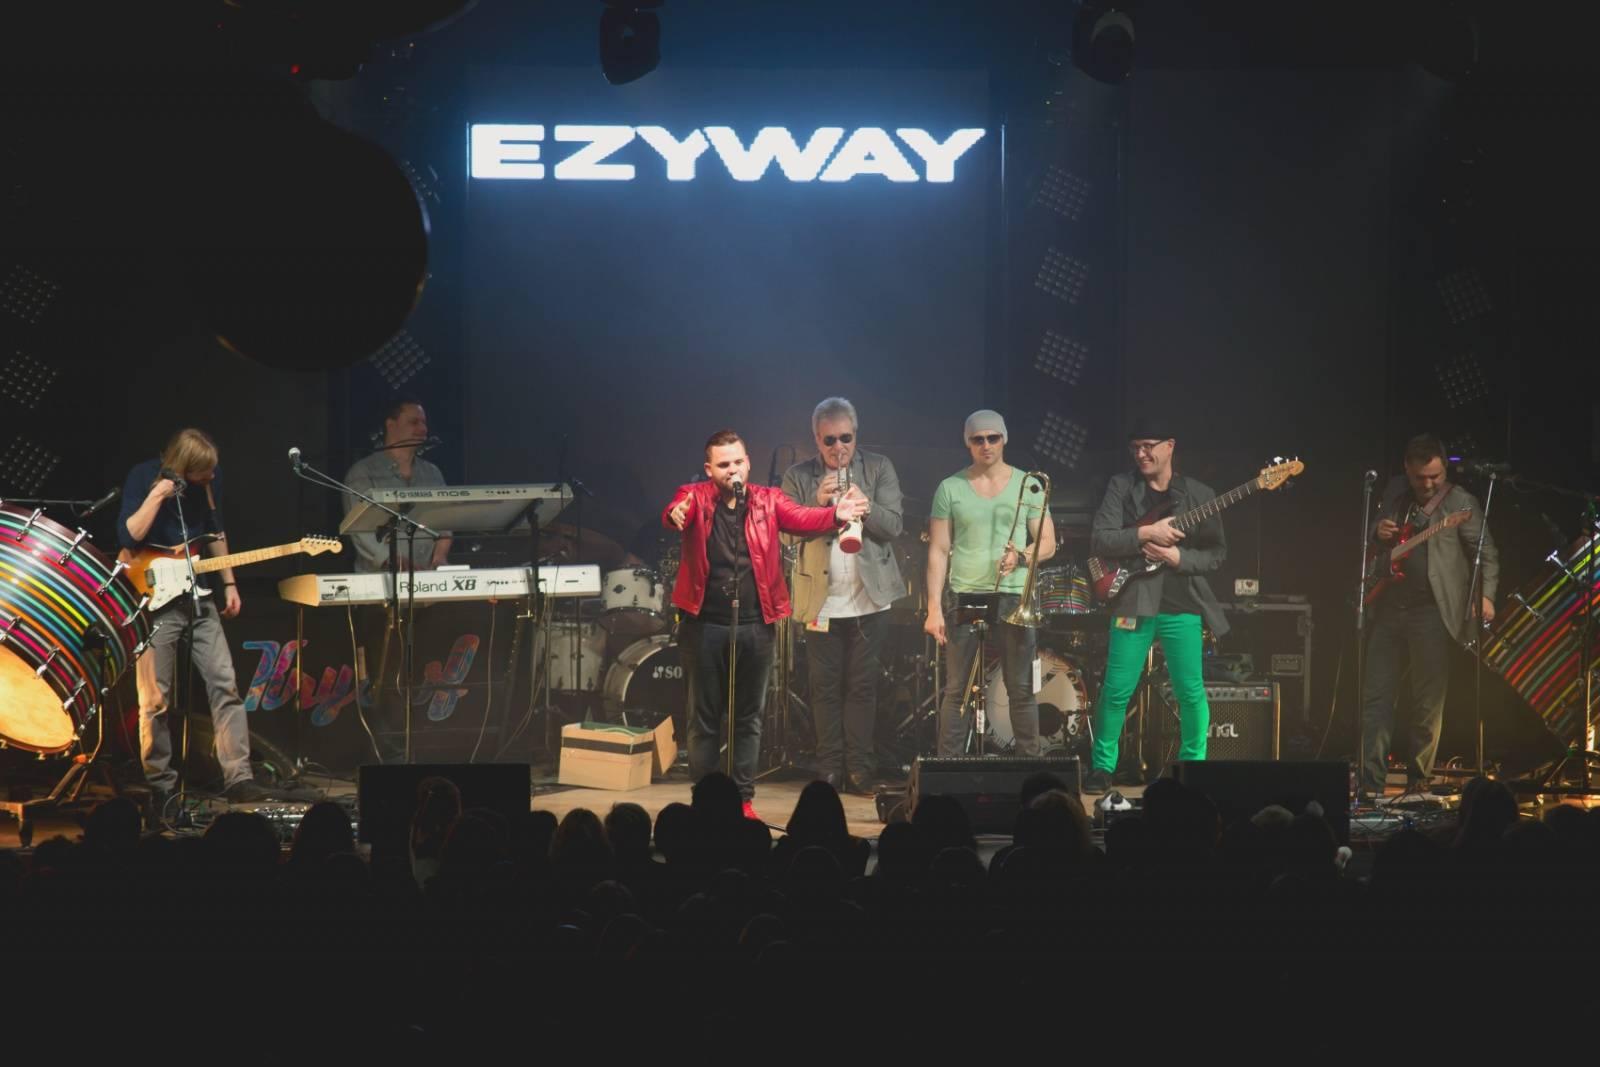 Kryštof startují další část turné v Olomouci, hostem bude EzyWay